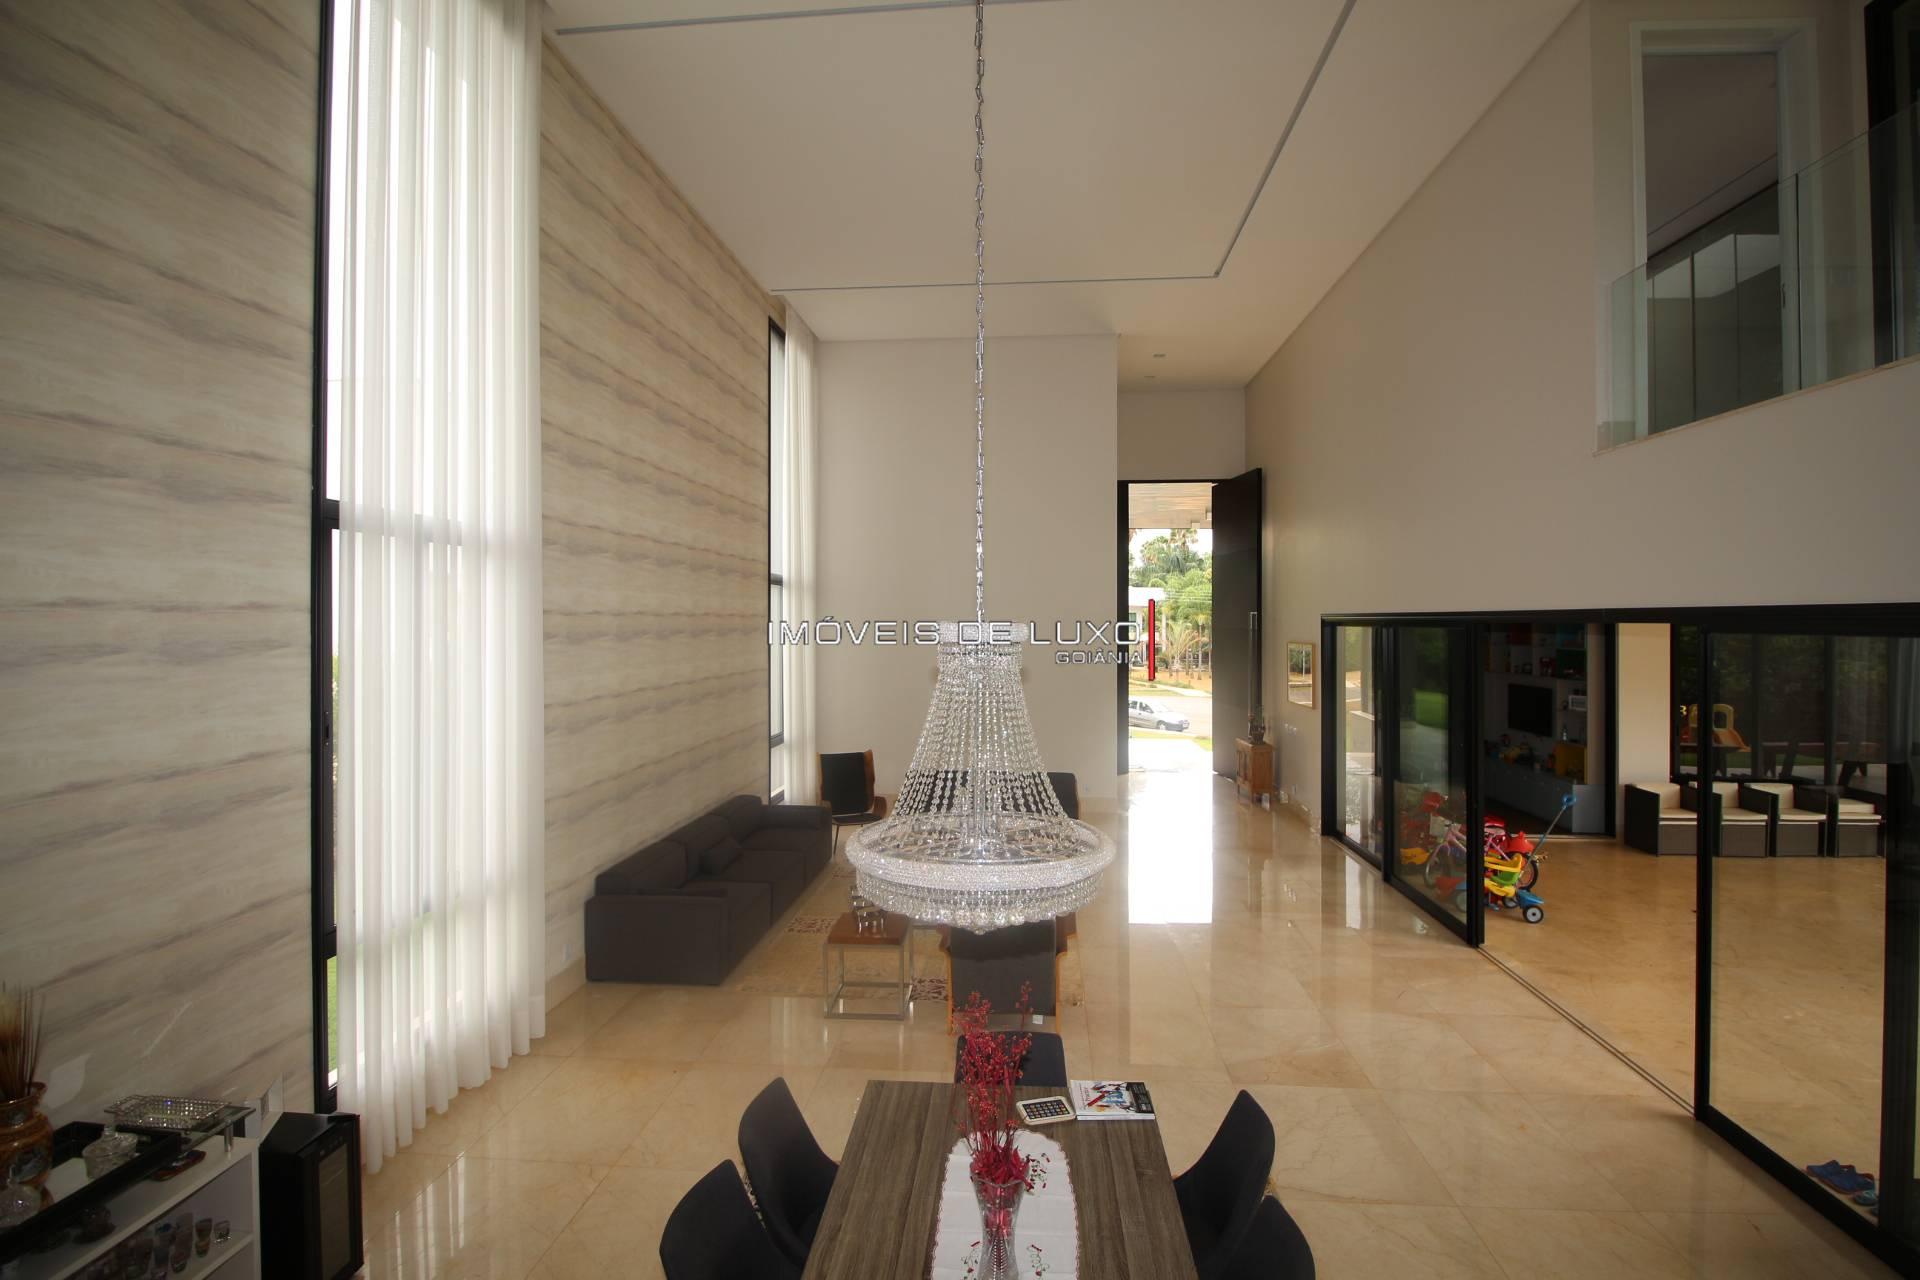 Imóveis de Luxo - Mansão de Luxo no Aldeia do Vale